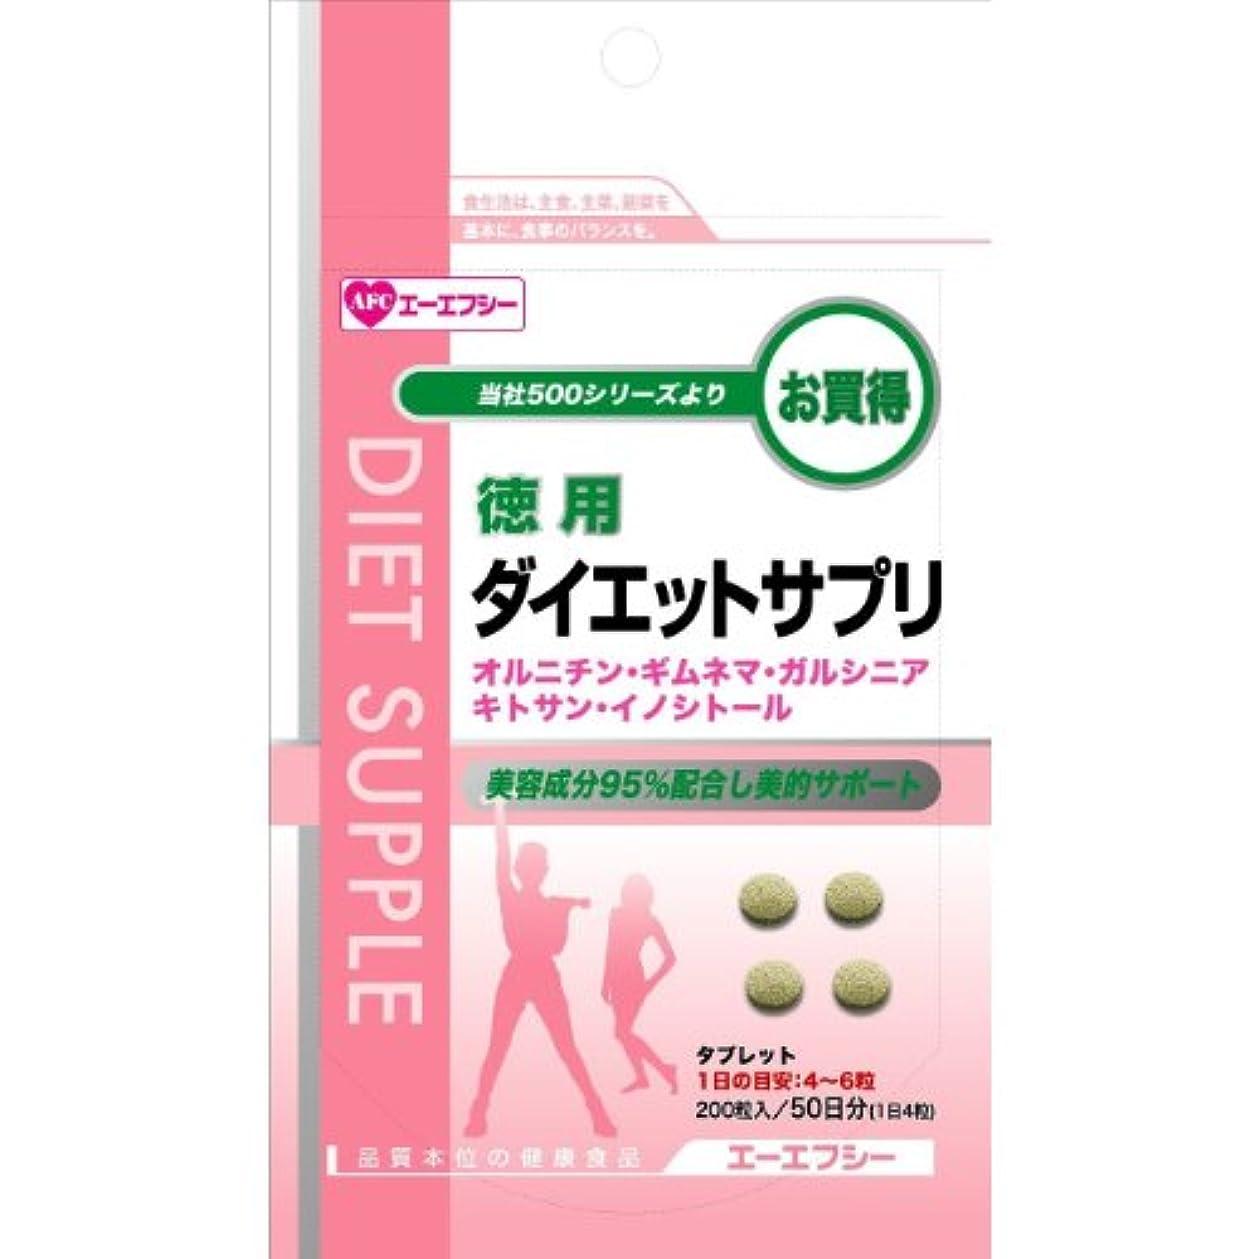 ベース仕立て屋湿ったAFC980円シリーズ 徳用 ダイエットサプリ 200粒入 (約50日分)【10袋セット】